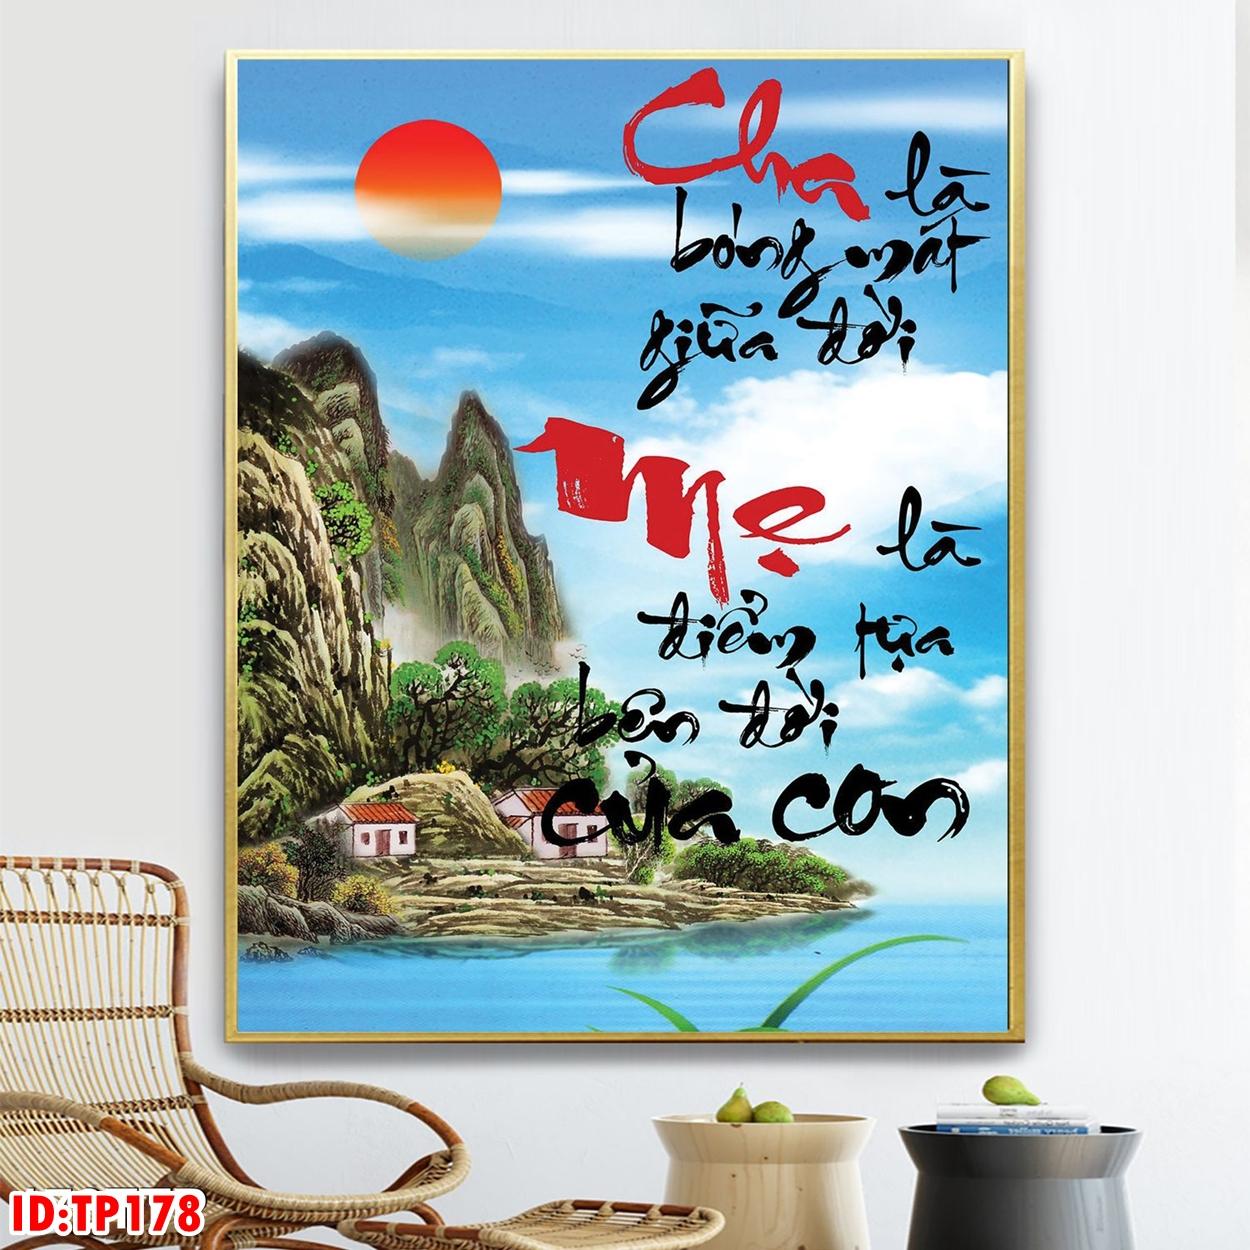 http://filetranh.com/tranh-thu-phap/file-tranh-thu-phap-tp178.html